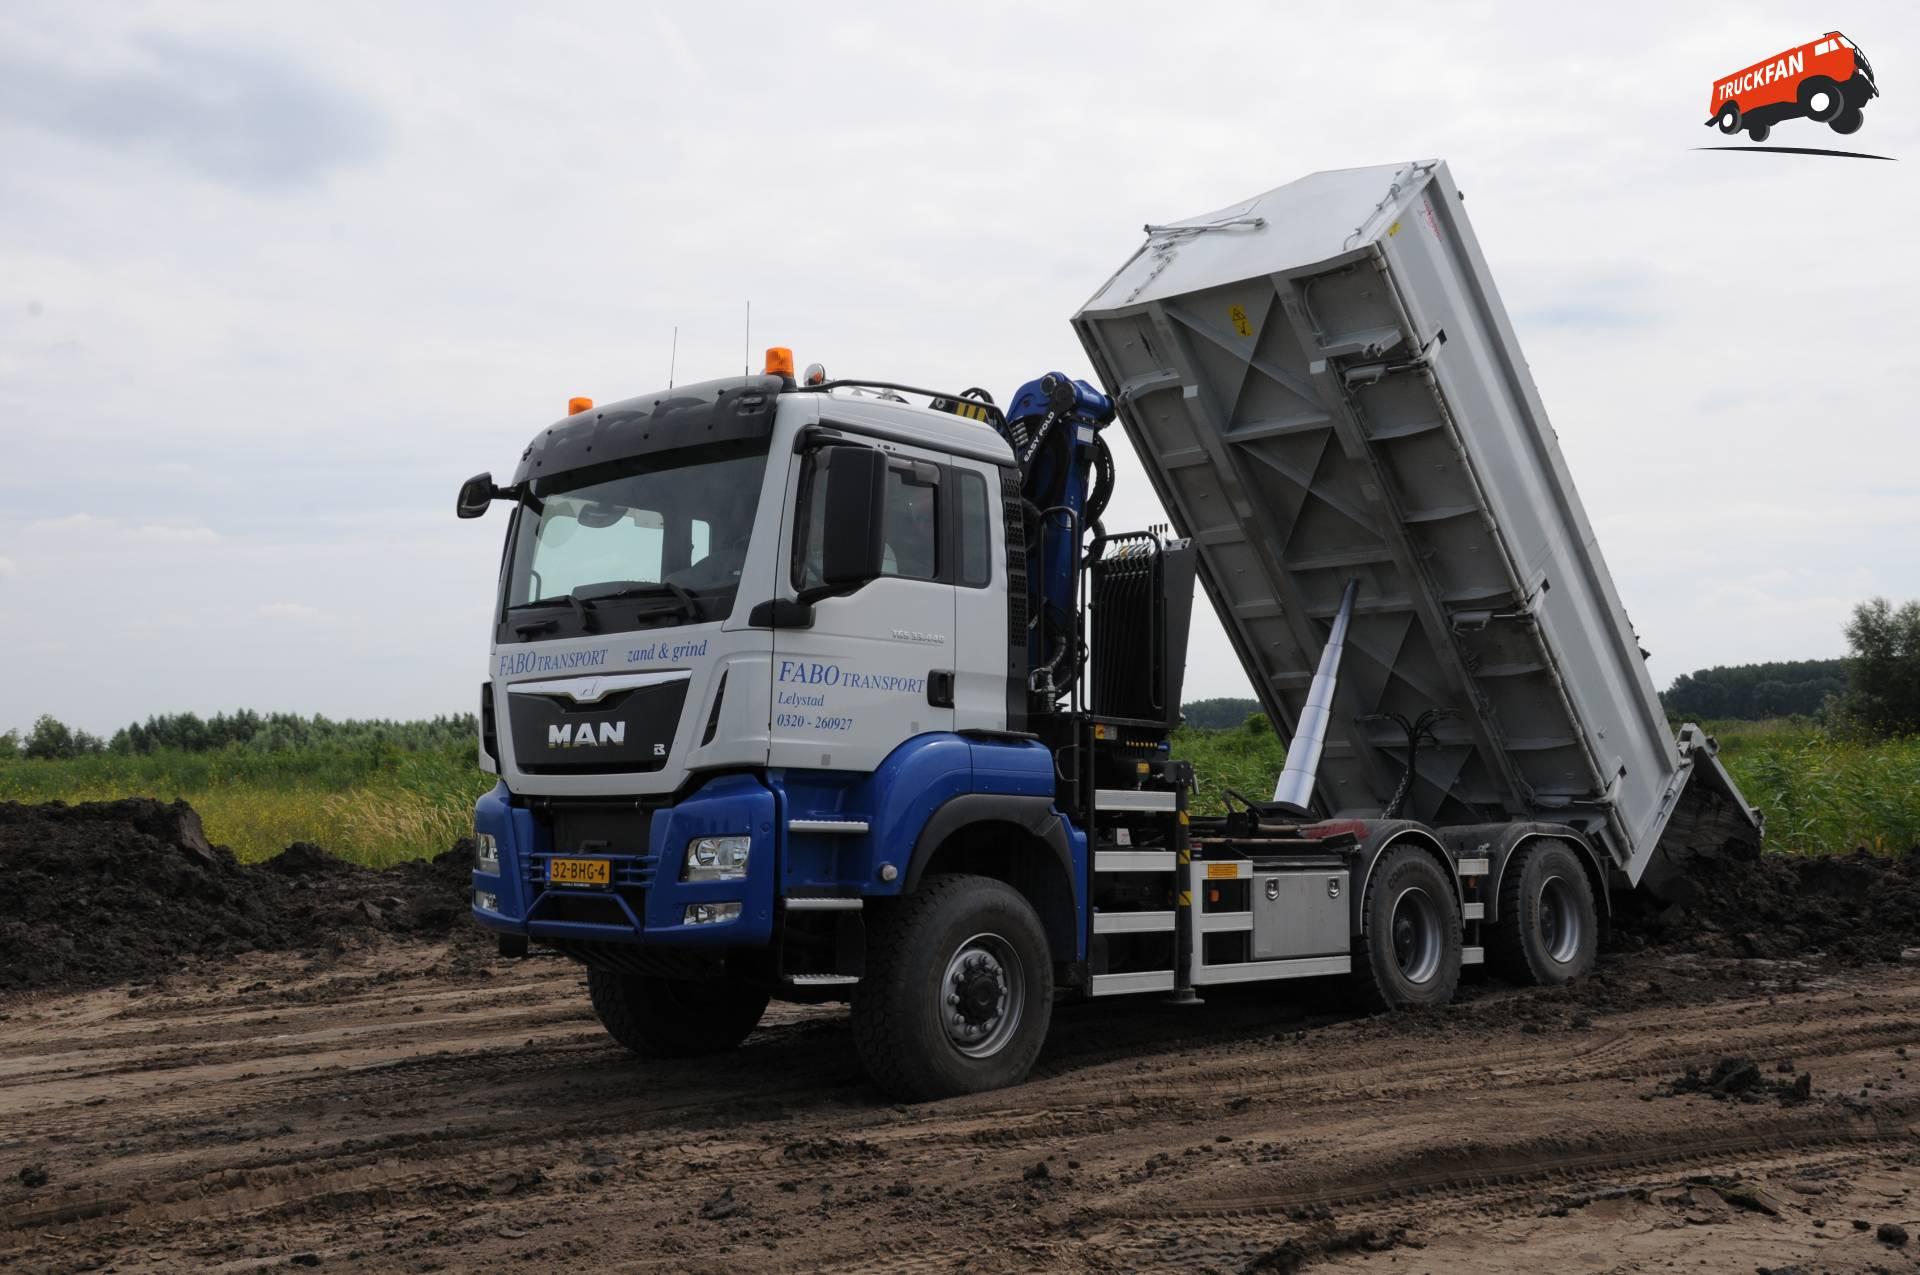 Man tgs 6x6 ws voor fabo alex miedema for Vrachtwagen kipper met kraan